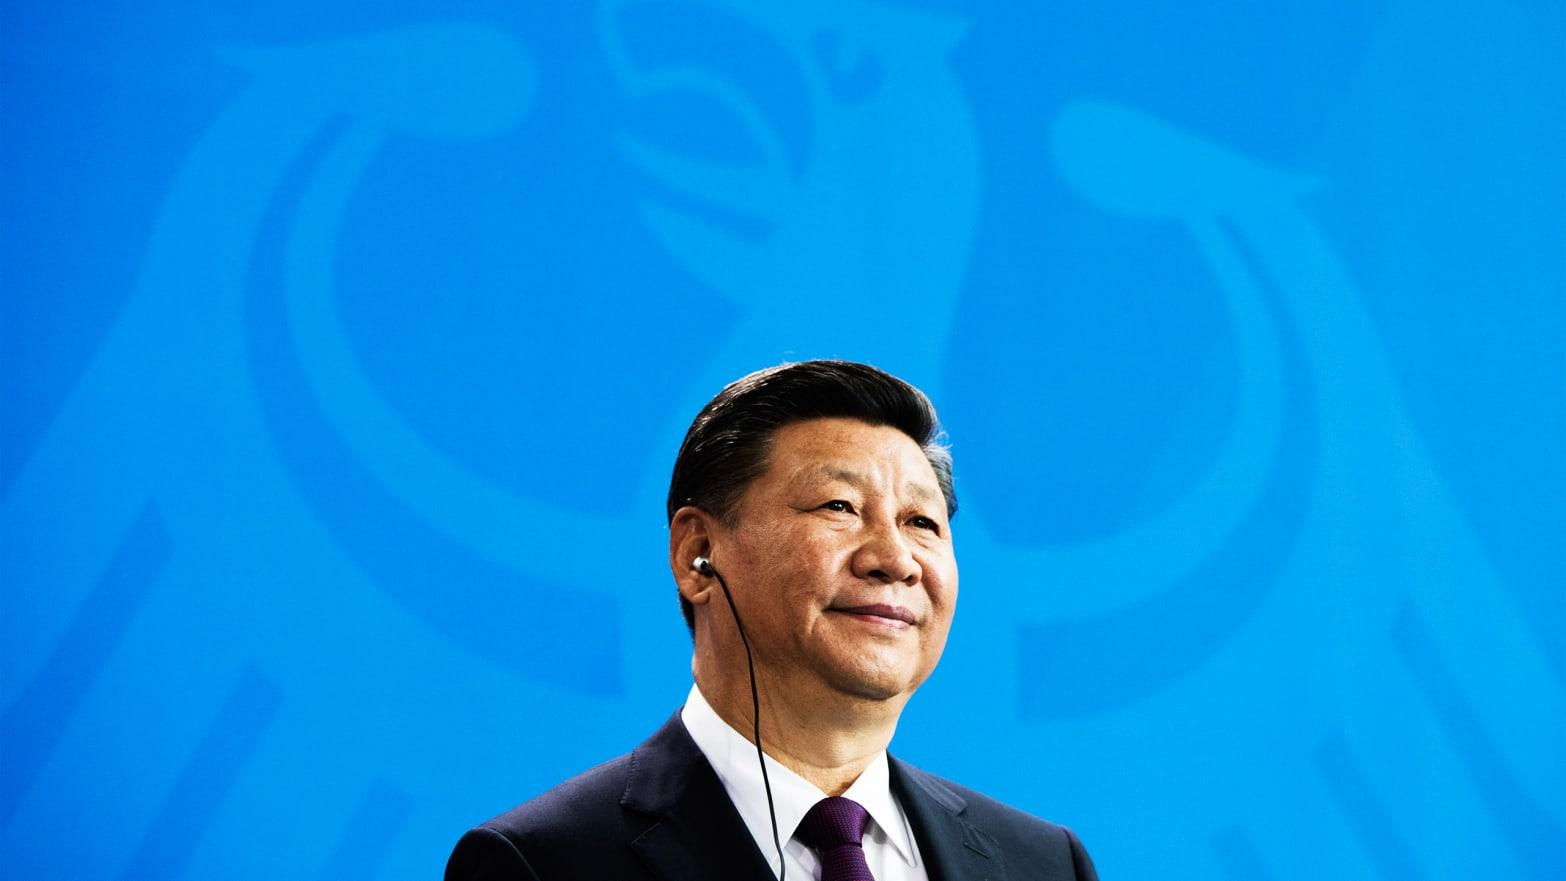 Pechino: Conte, la via della seta, un'opportunità che dobbiamo affrontare insieme